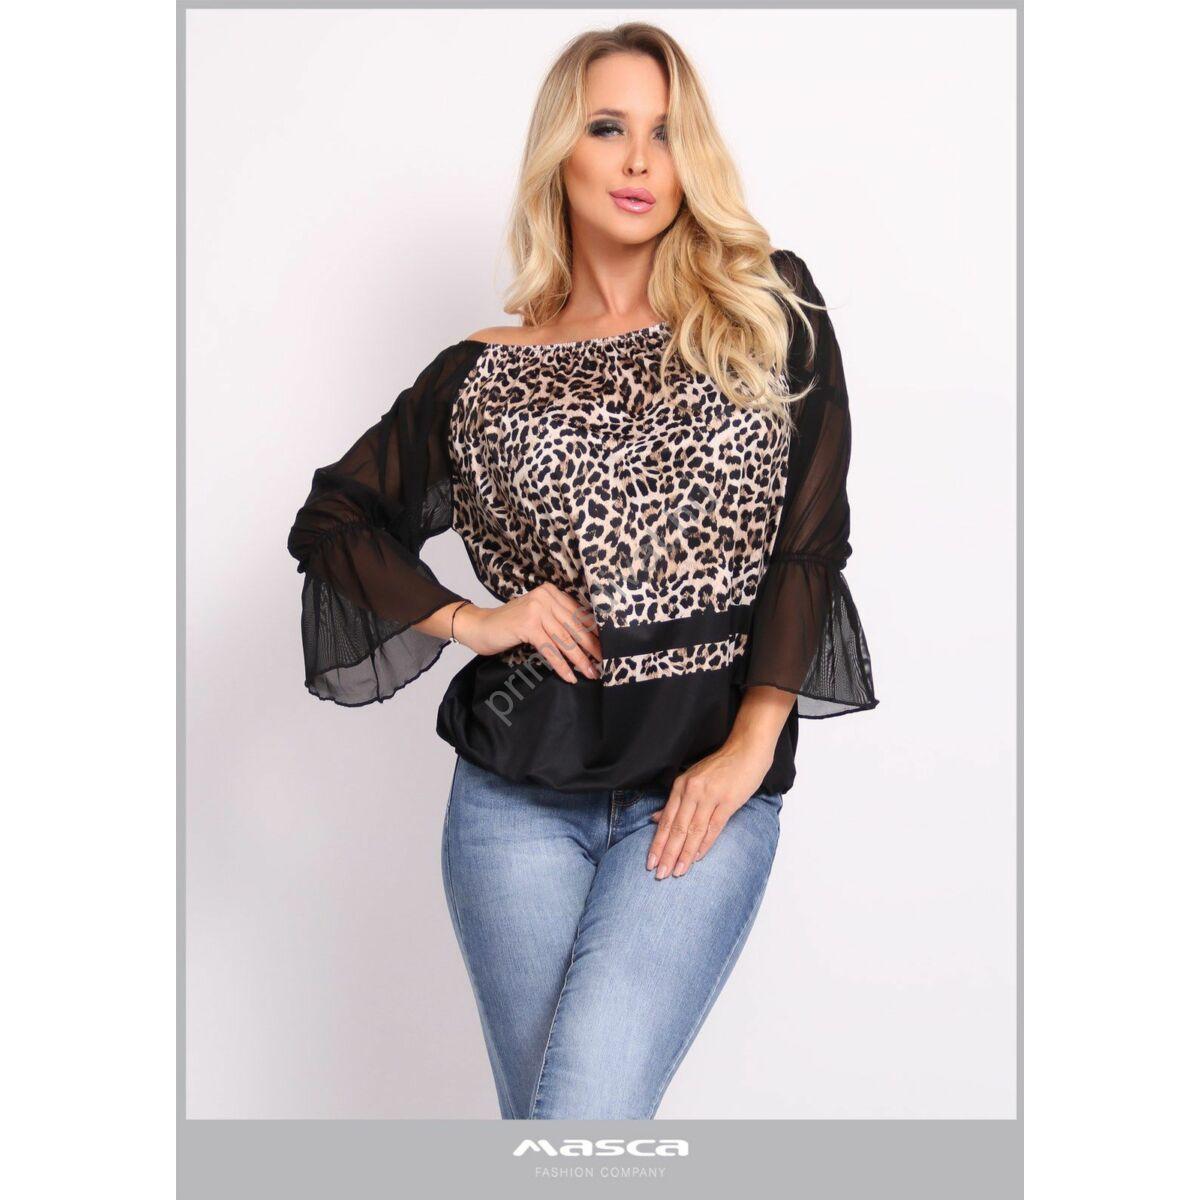 Masca Fashion vállra húzható gumírozott nyakú, muszlin hosszú ujjú lezser ocelotmintás fekete felső, csípőjén gumis behúzással